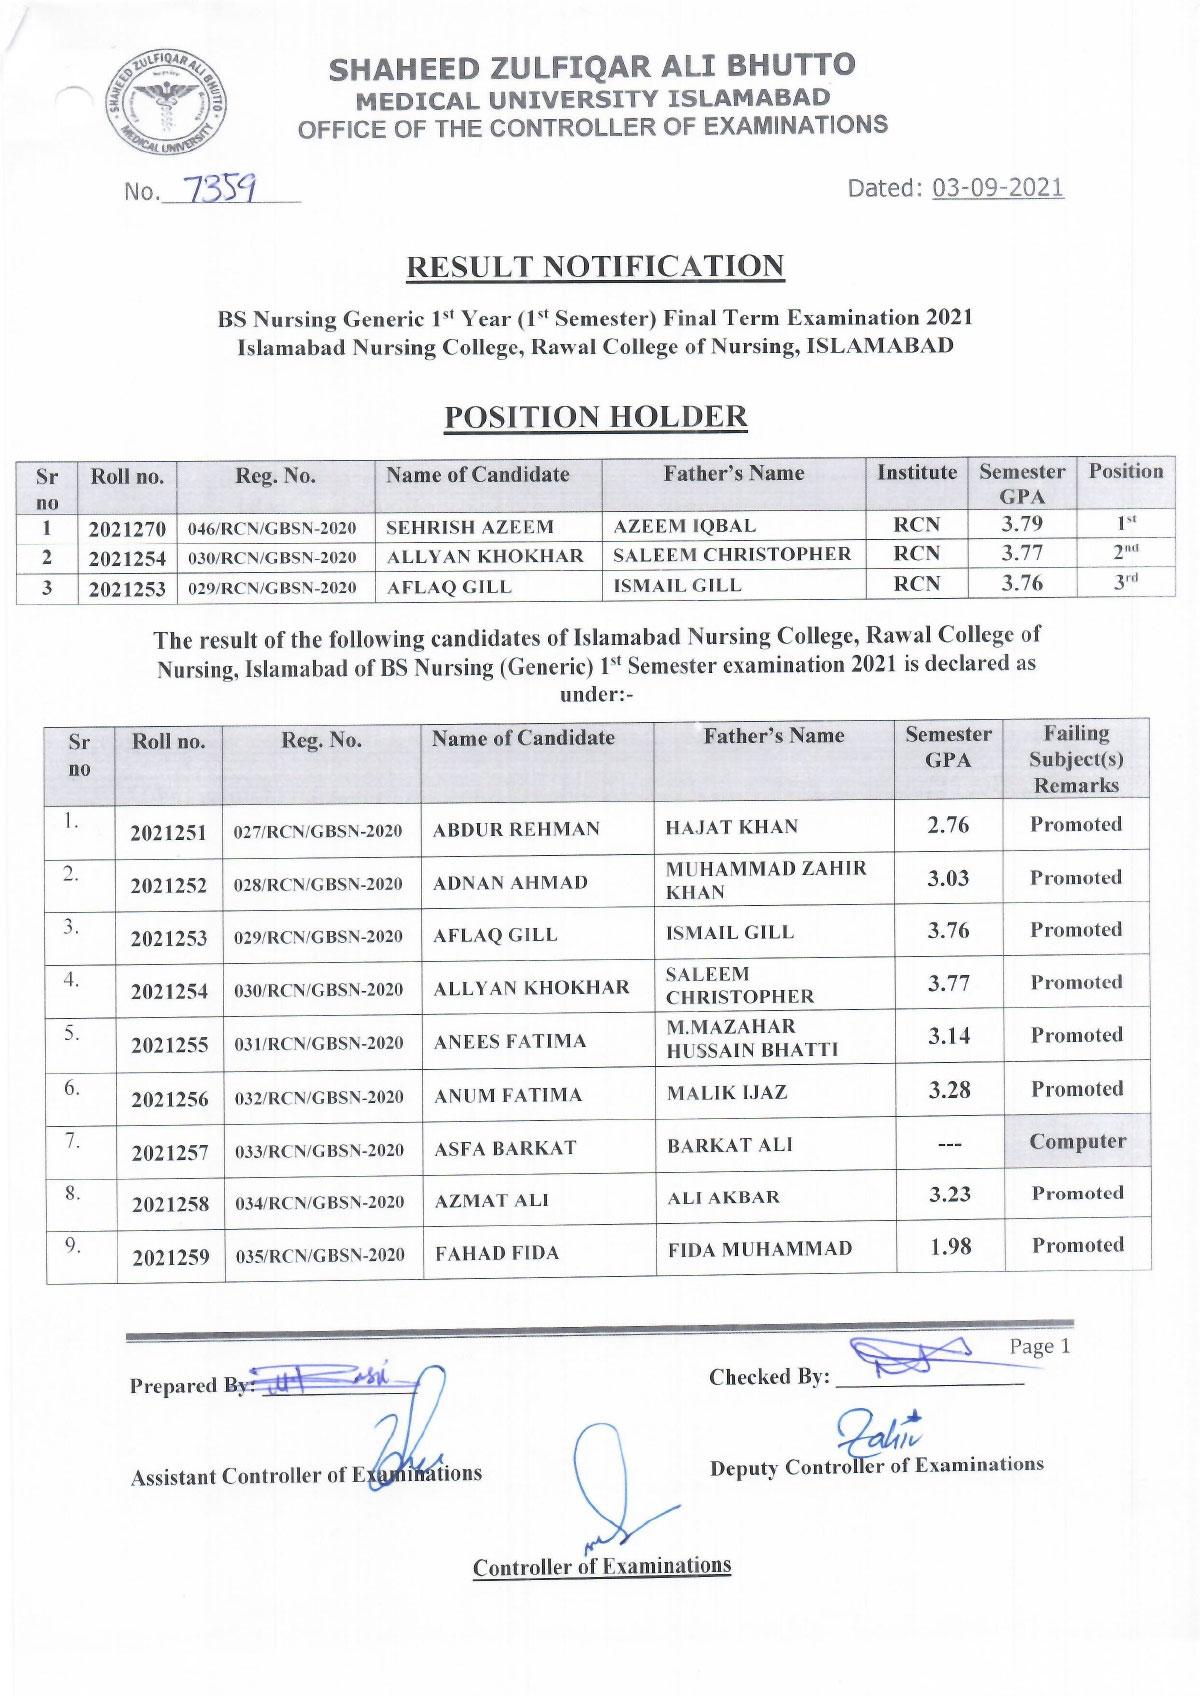 Result Notification - 1st Semester BS Nursing Generic & B.Sc. Nursing Post RN